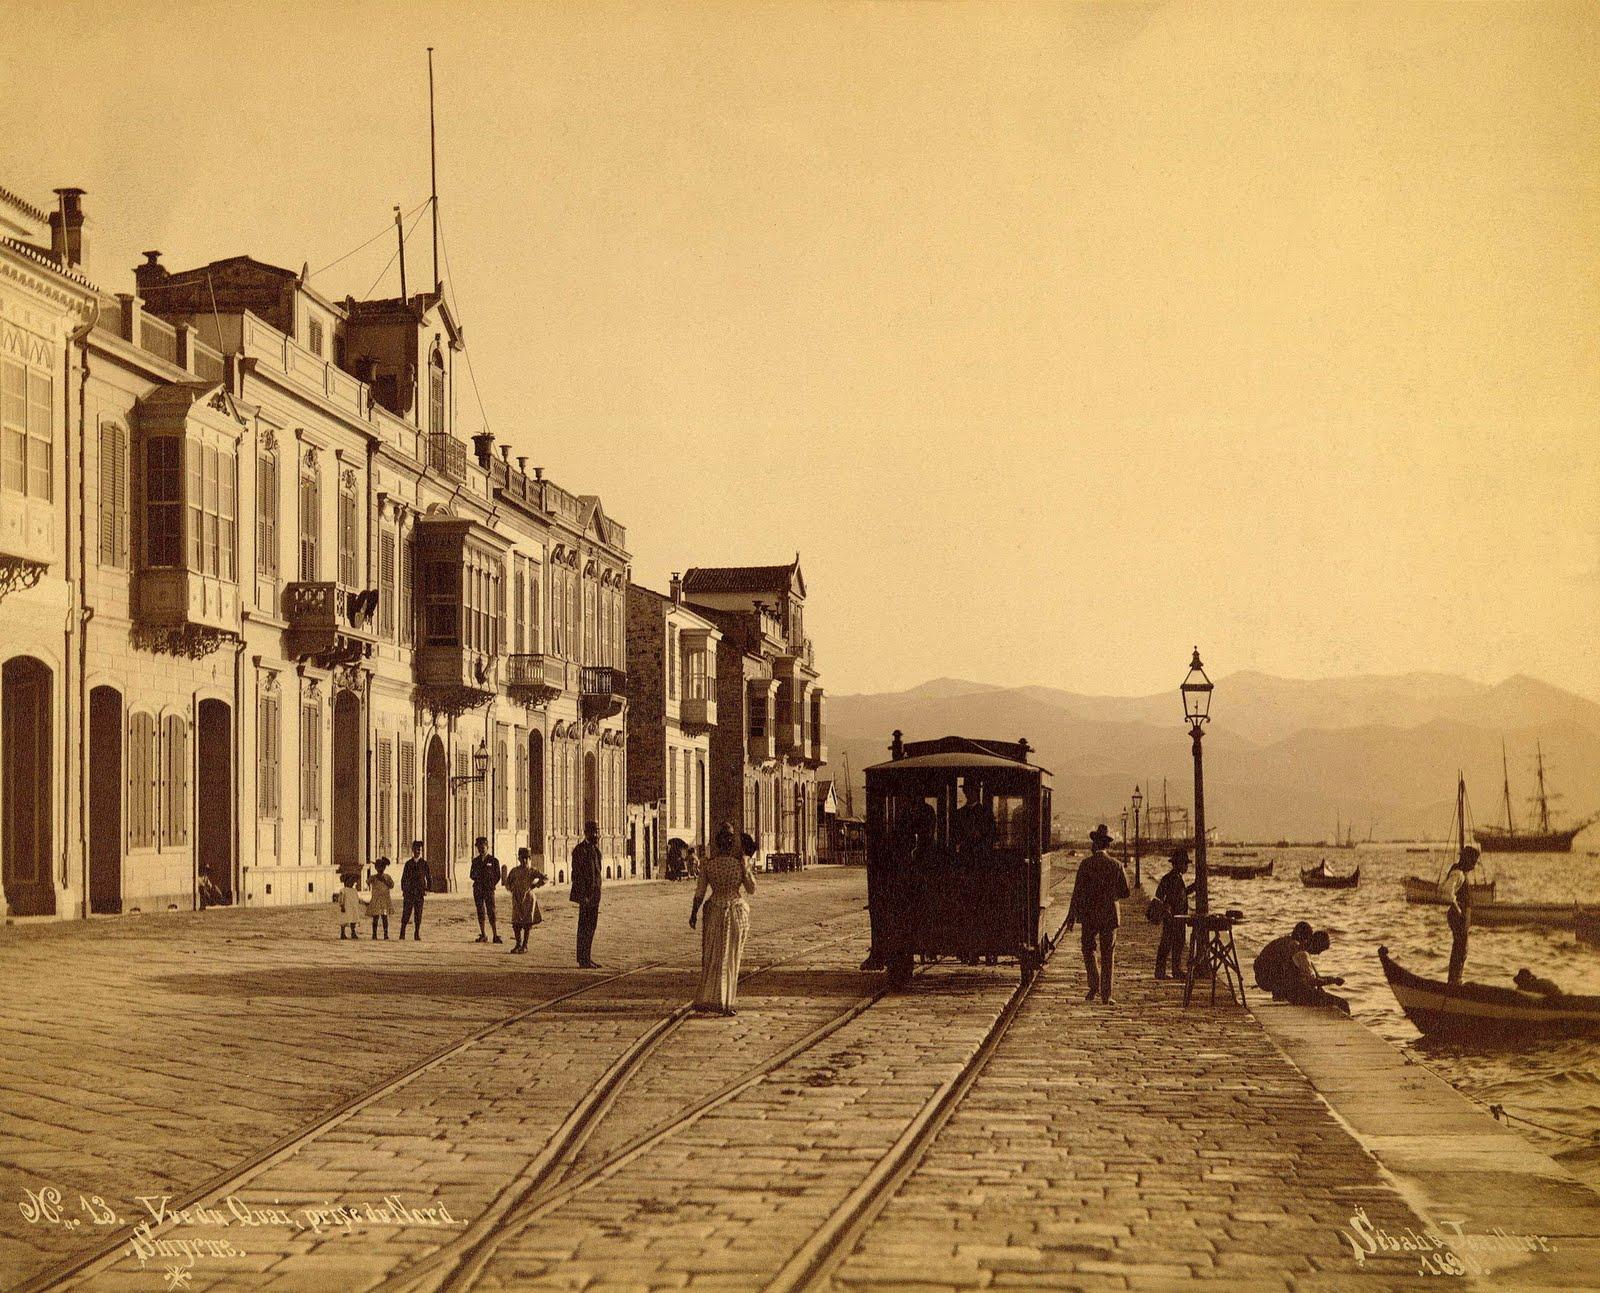 Fotografie 19. Jahrhundert